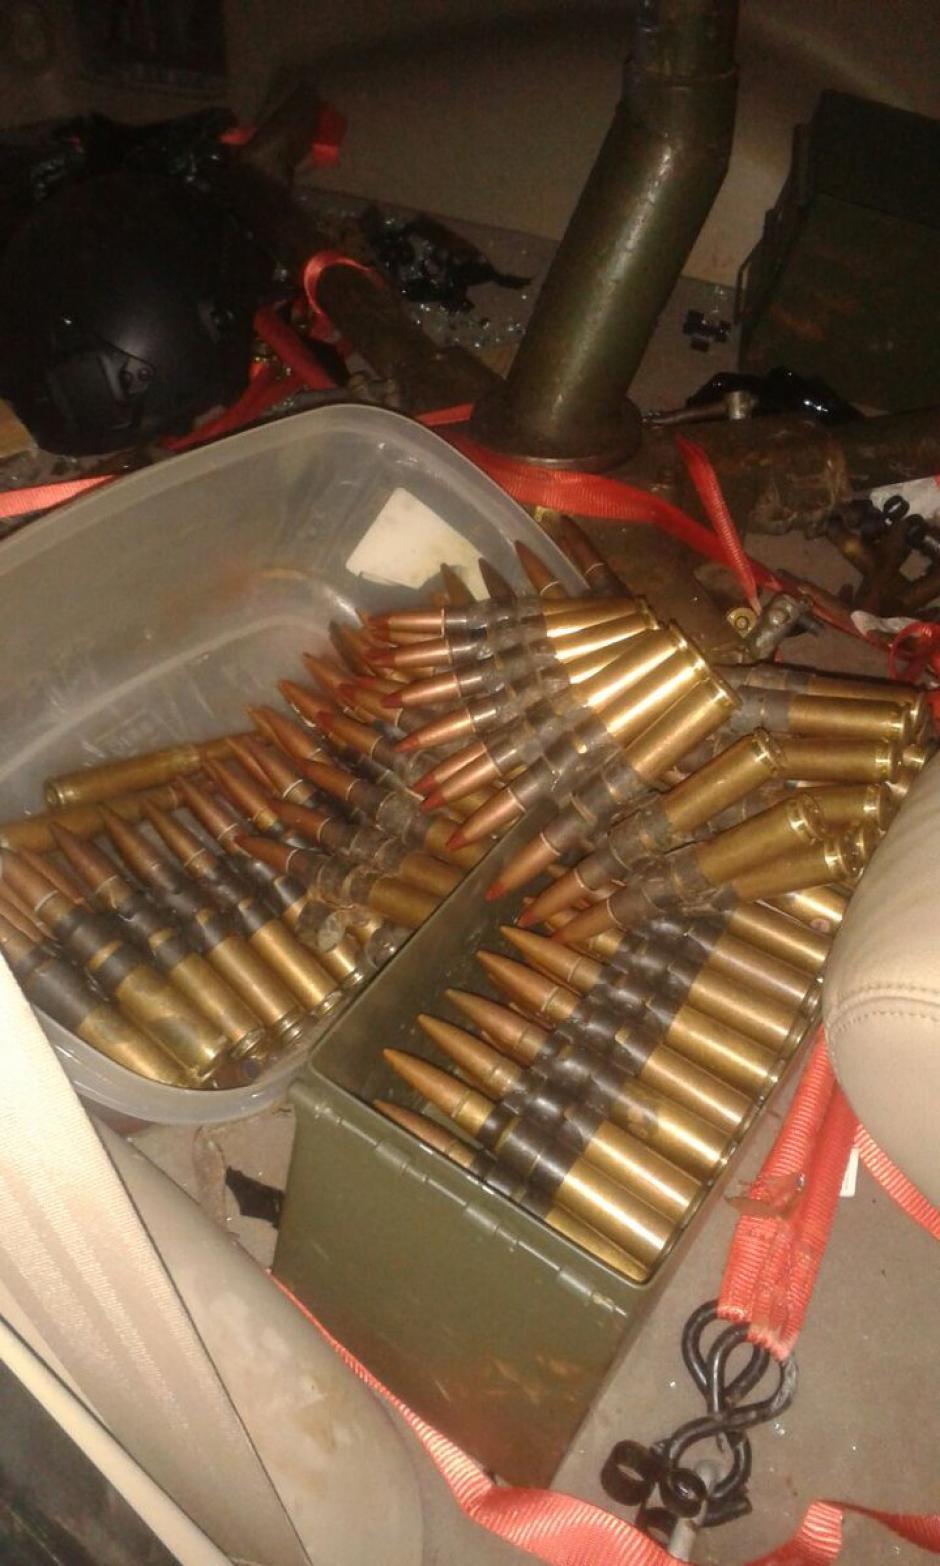 Armamento de grueso calibre se usó para el atentado. (Foto: Diario33)